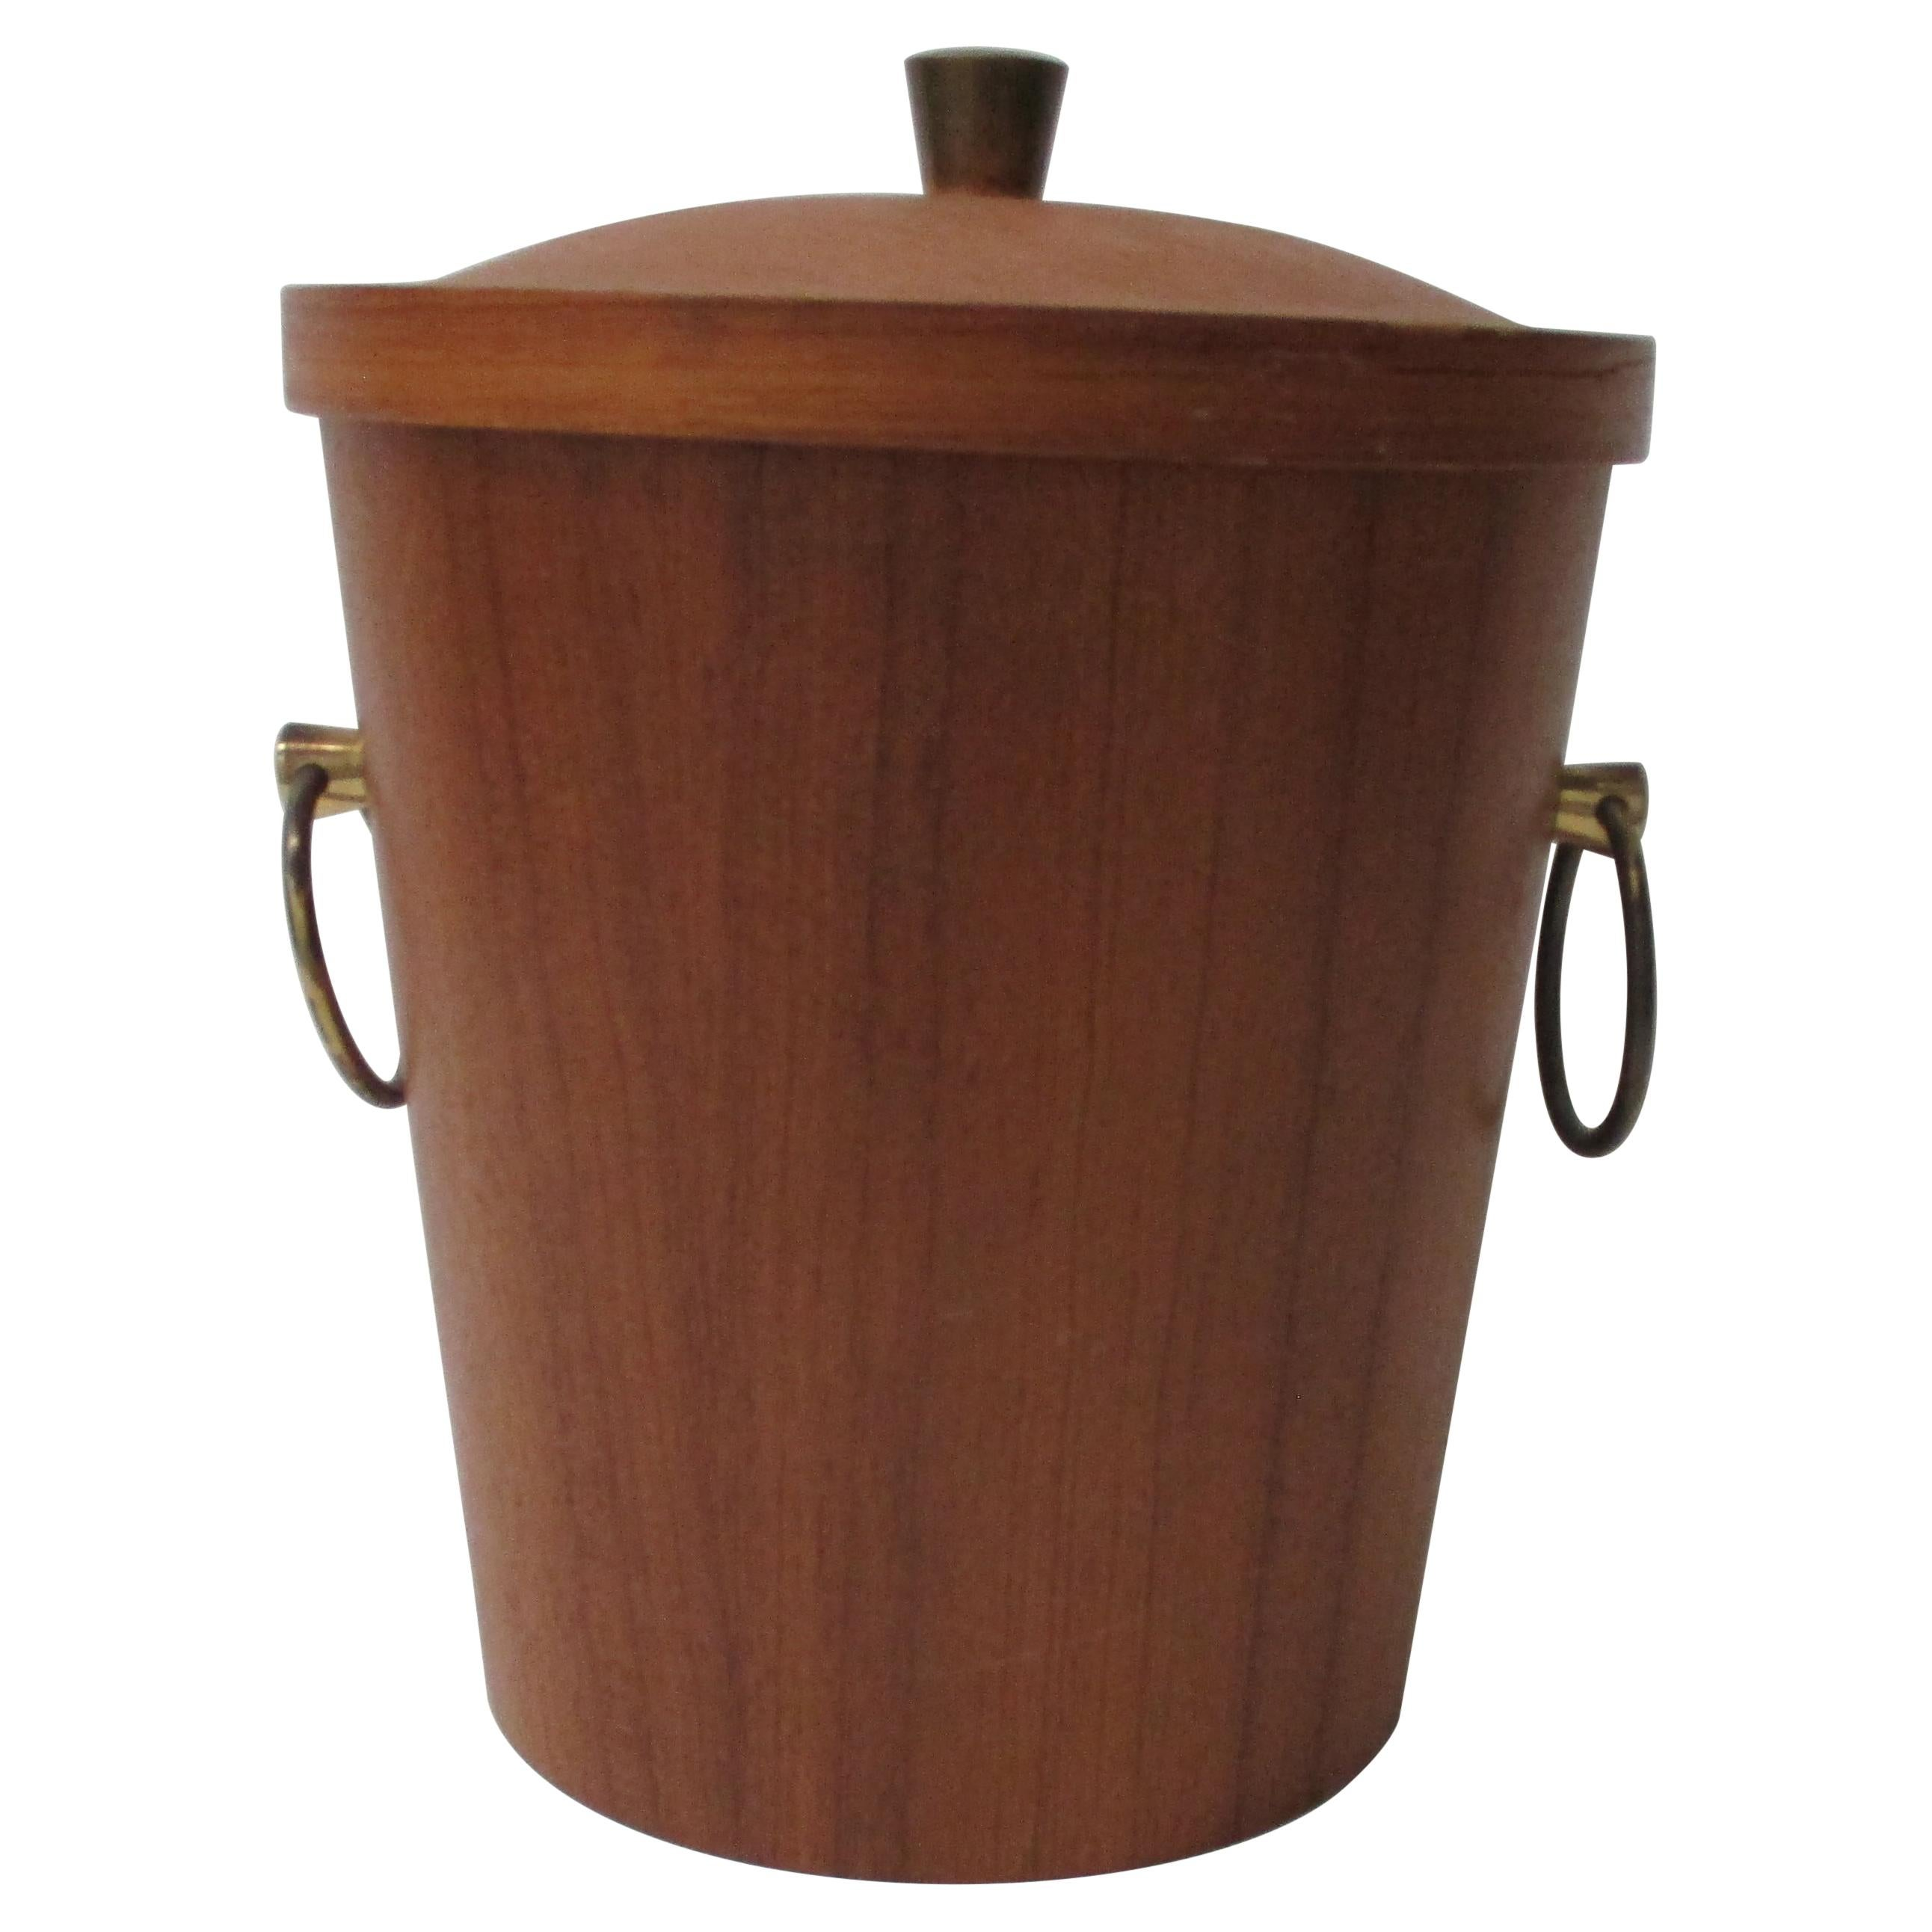 Vintage Mid-Century Modern Ice Bucket with Round Brass Handles